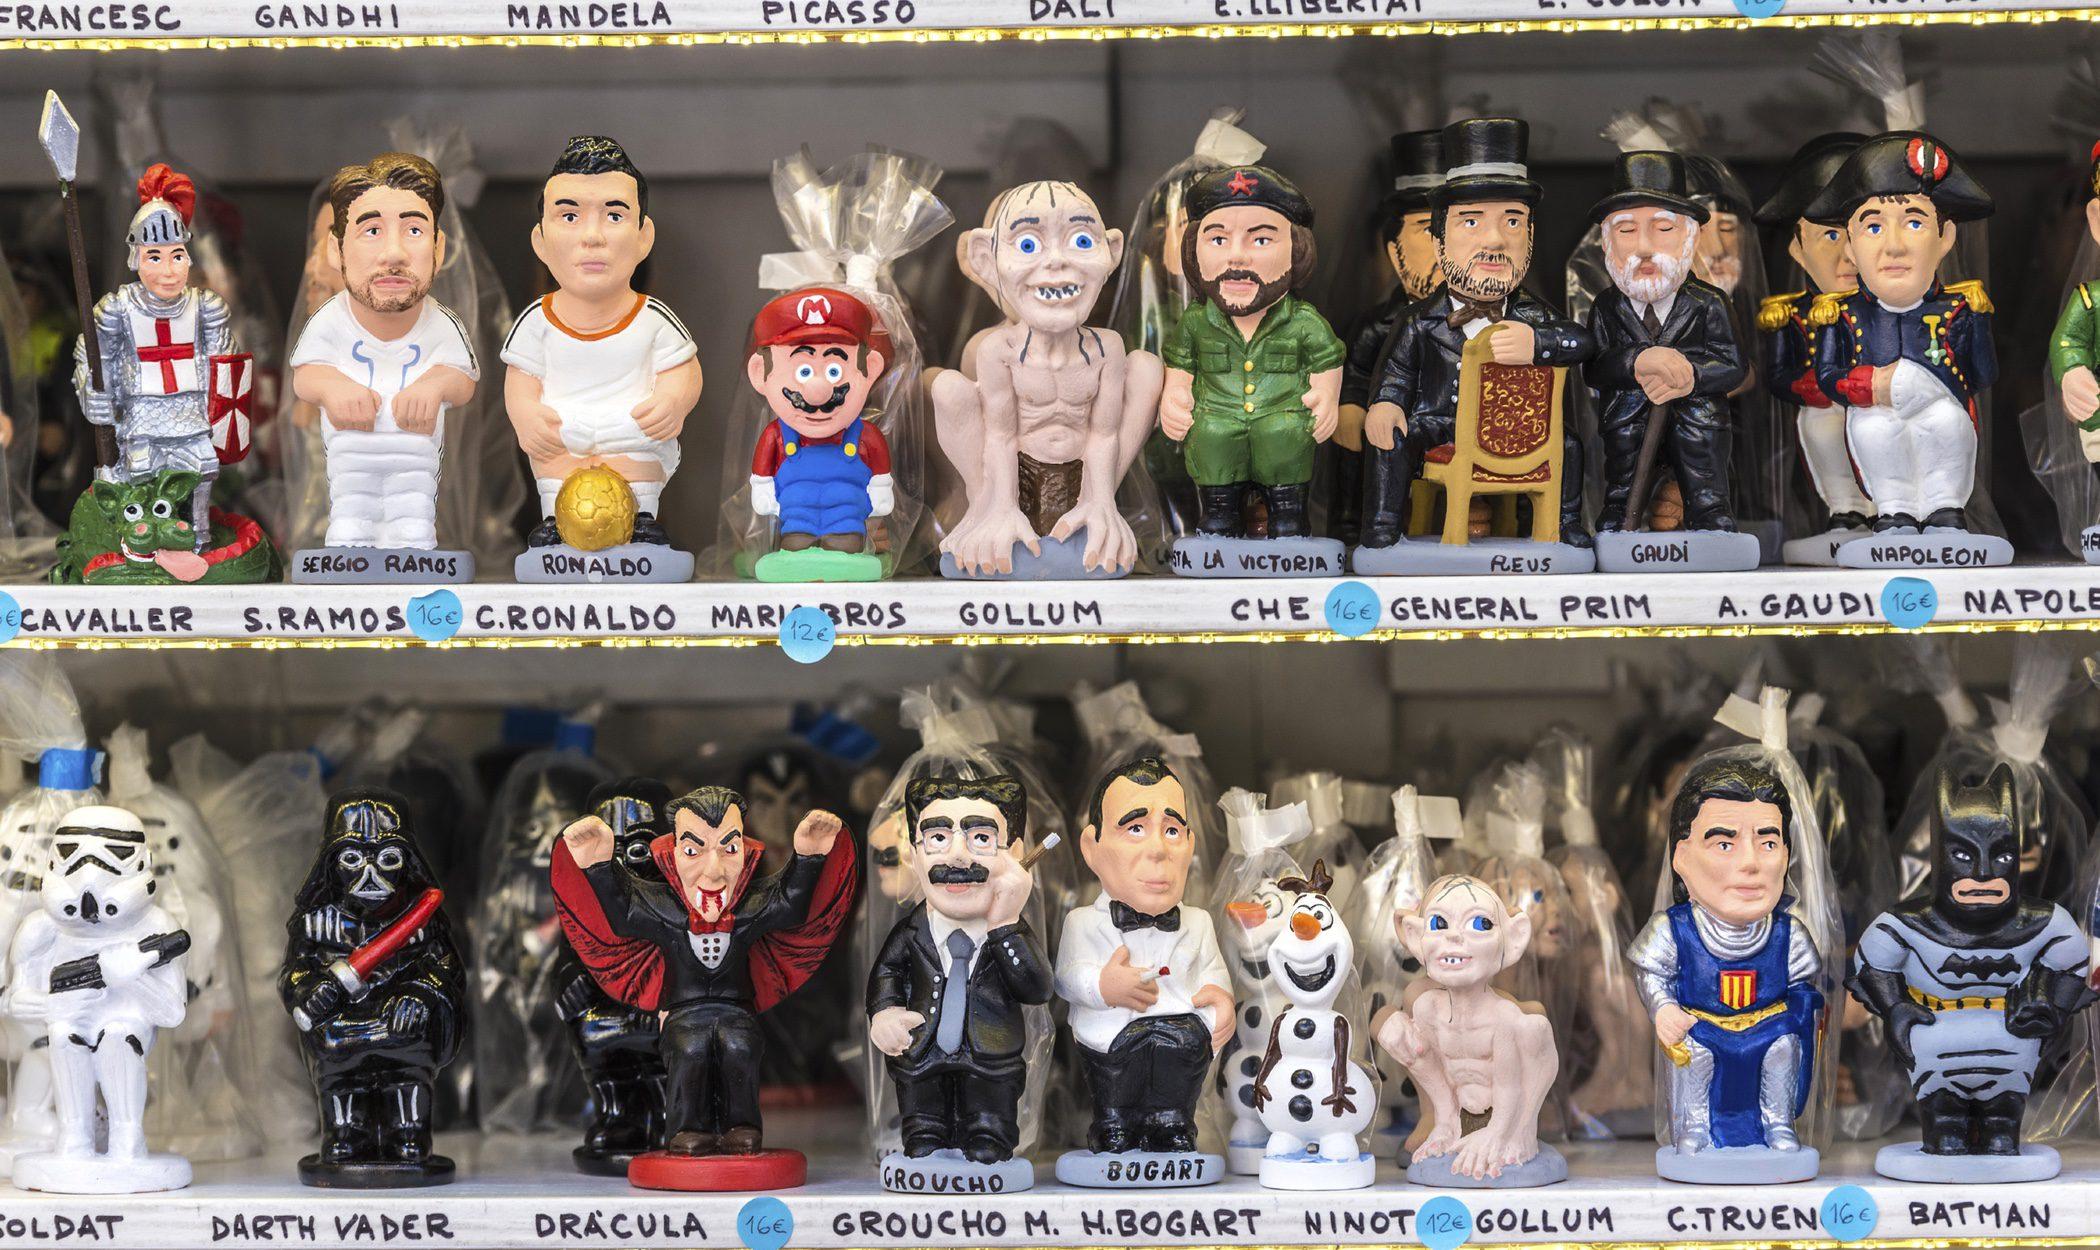 El caganer y el Tió de Nadal: tradiciones navideñas catalanas